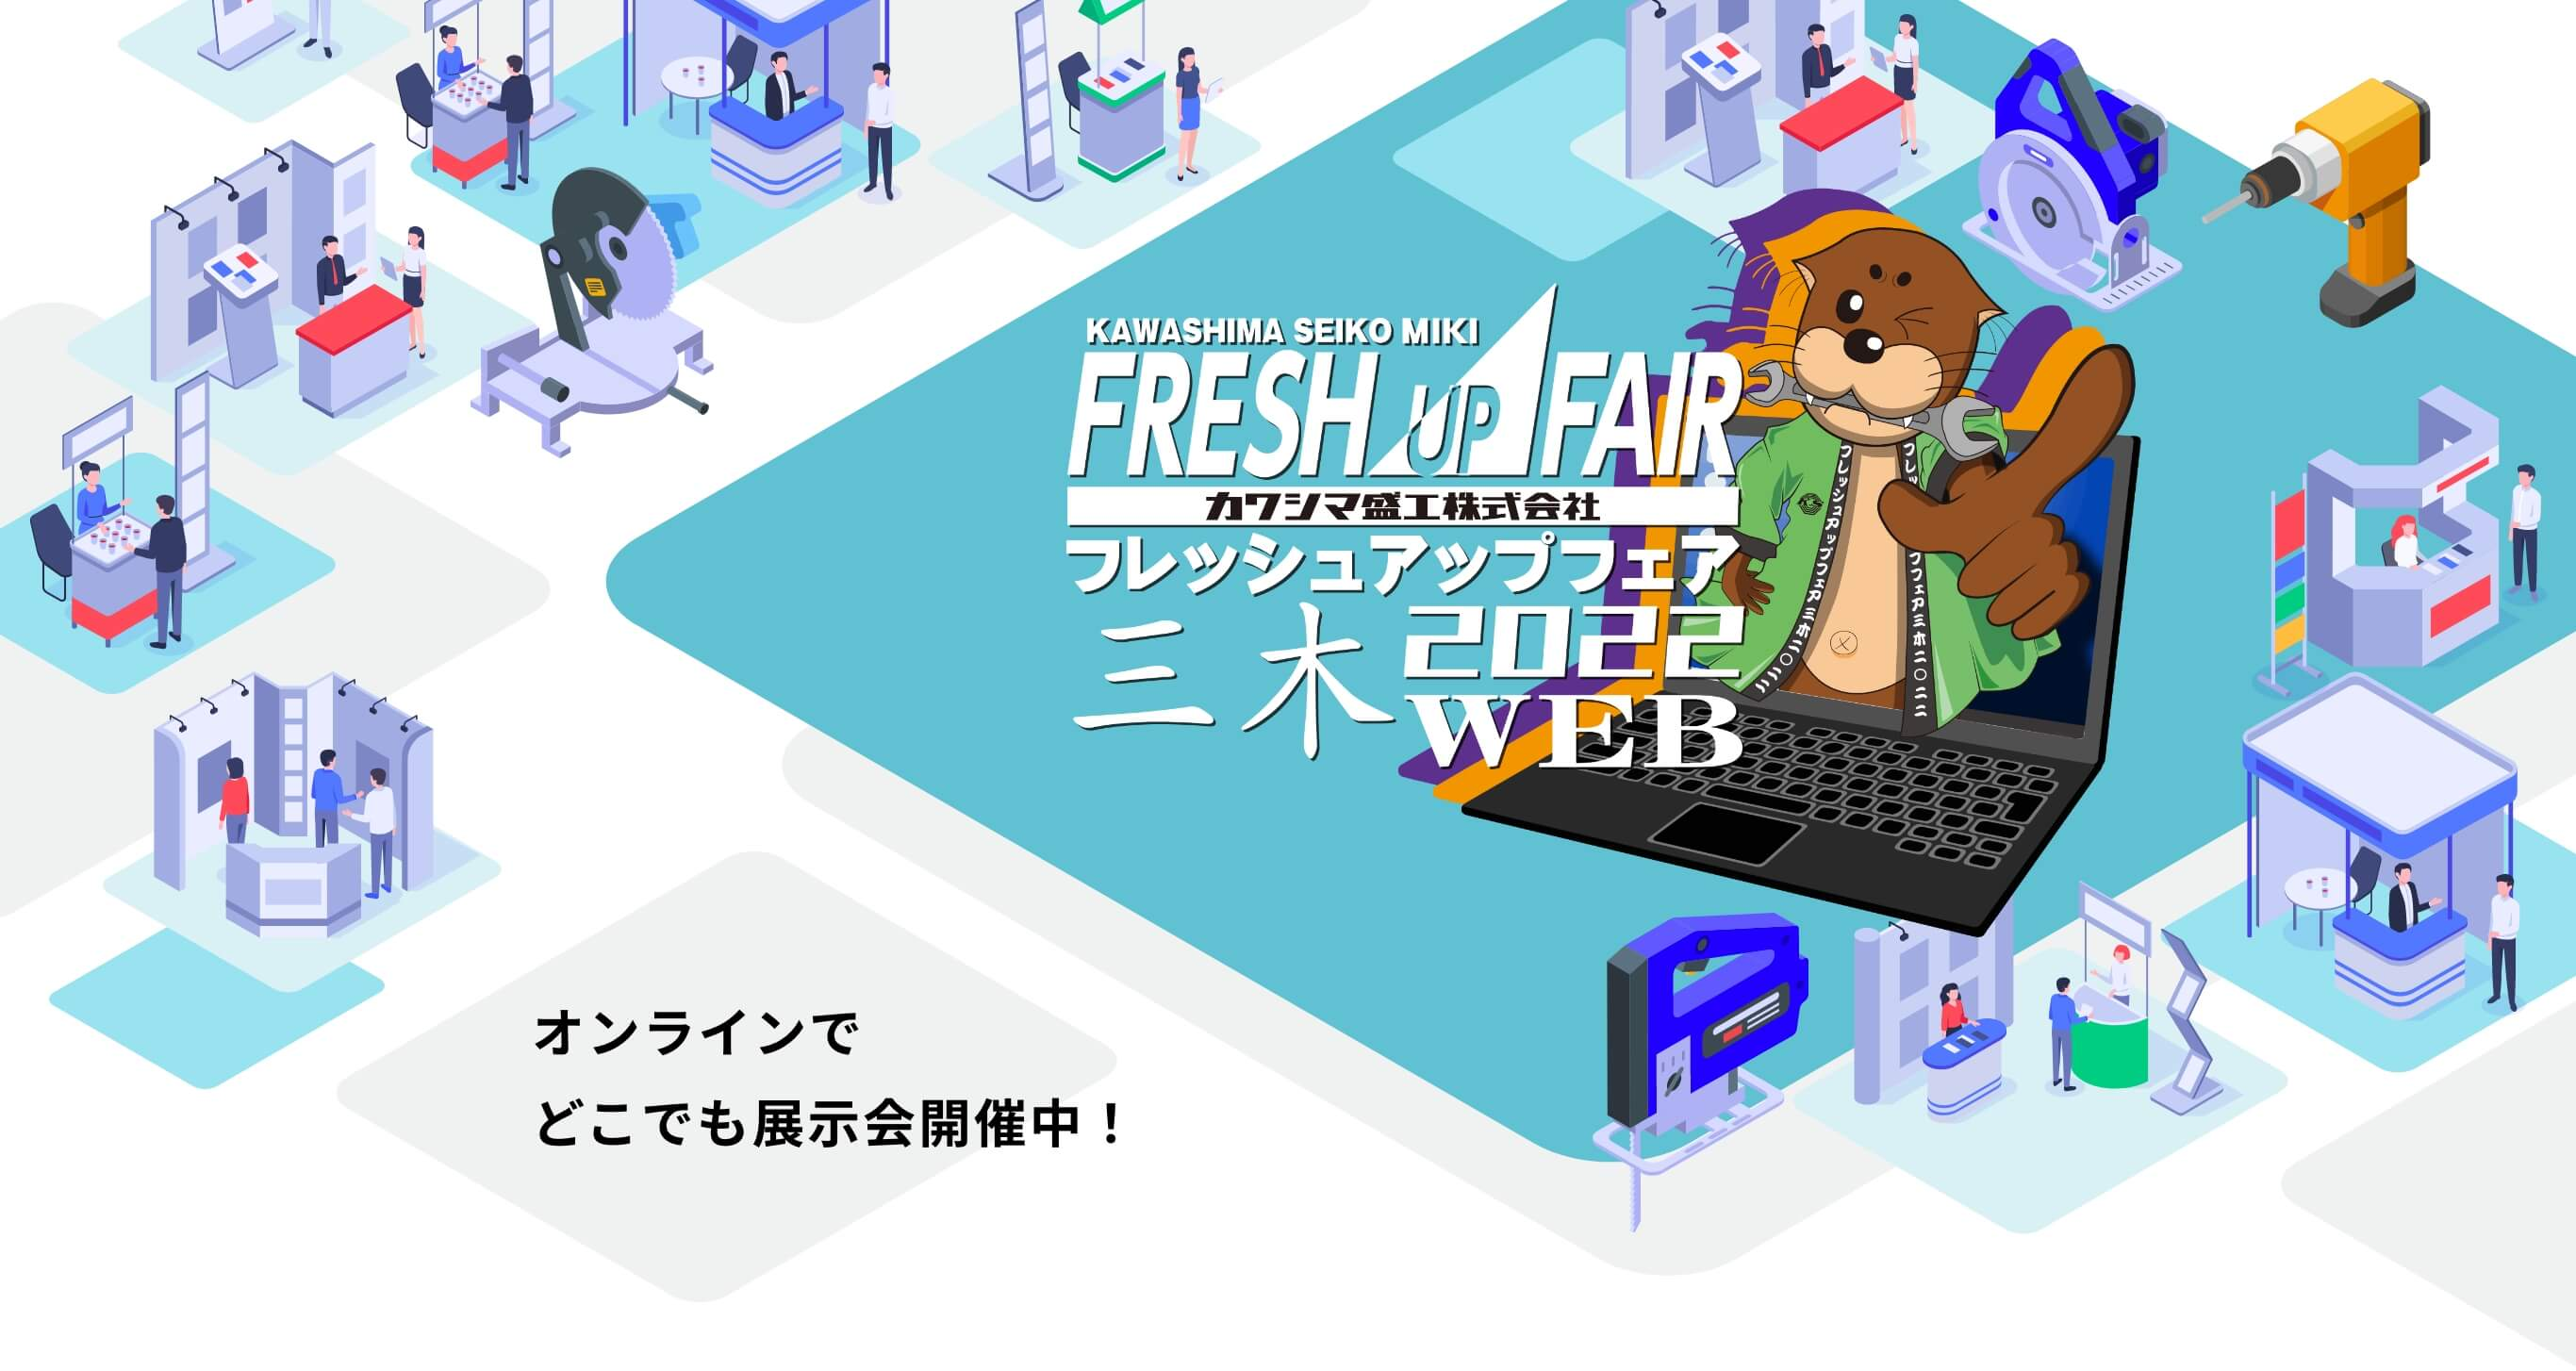 カワシマ盛工株式会社 フレッシュアップフェア オンラインでどこでも展示会開催中!